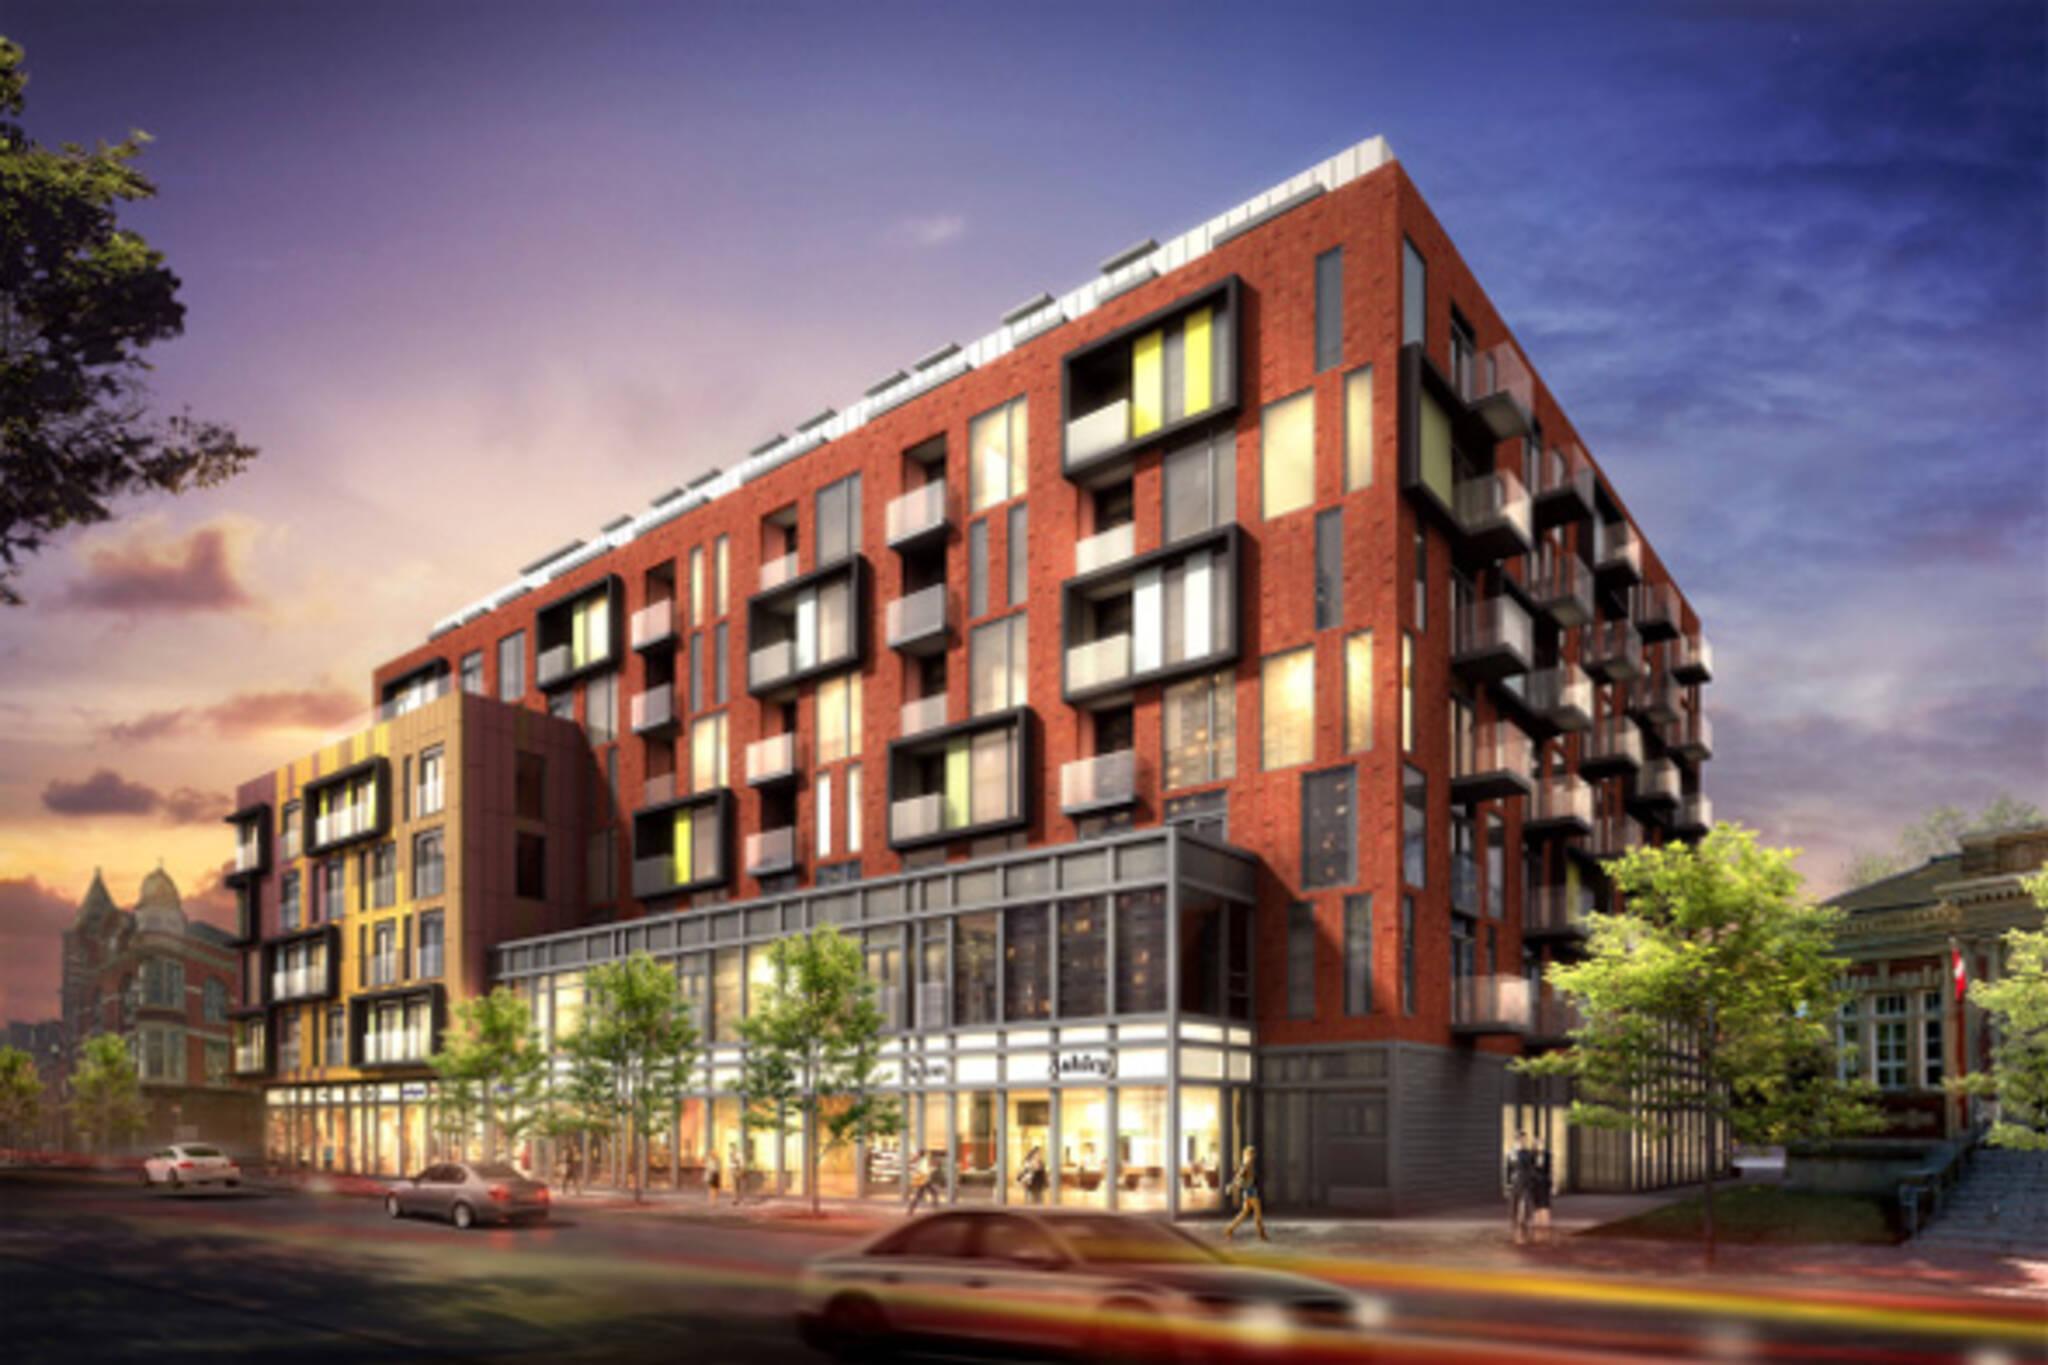 Ten93 CondosNew in Toronto Real Estate  Ten93 Queen West Condos. 2 Bedroom Apartments For Rent Toronto Queen West. Home Design Ideas